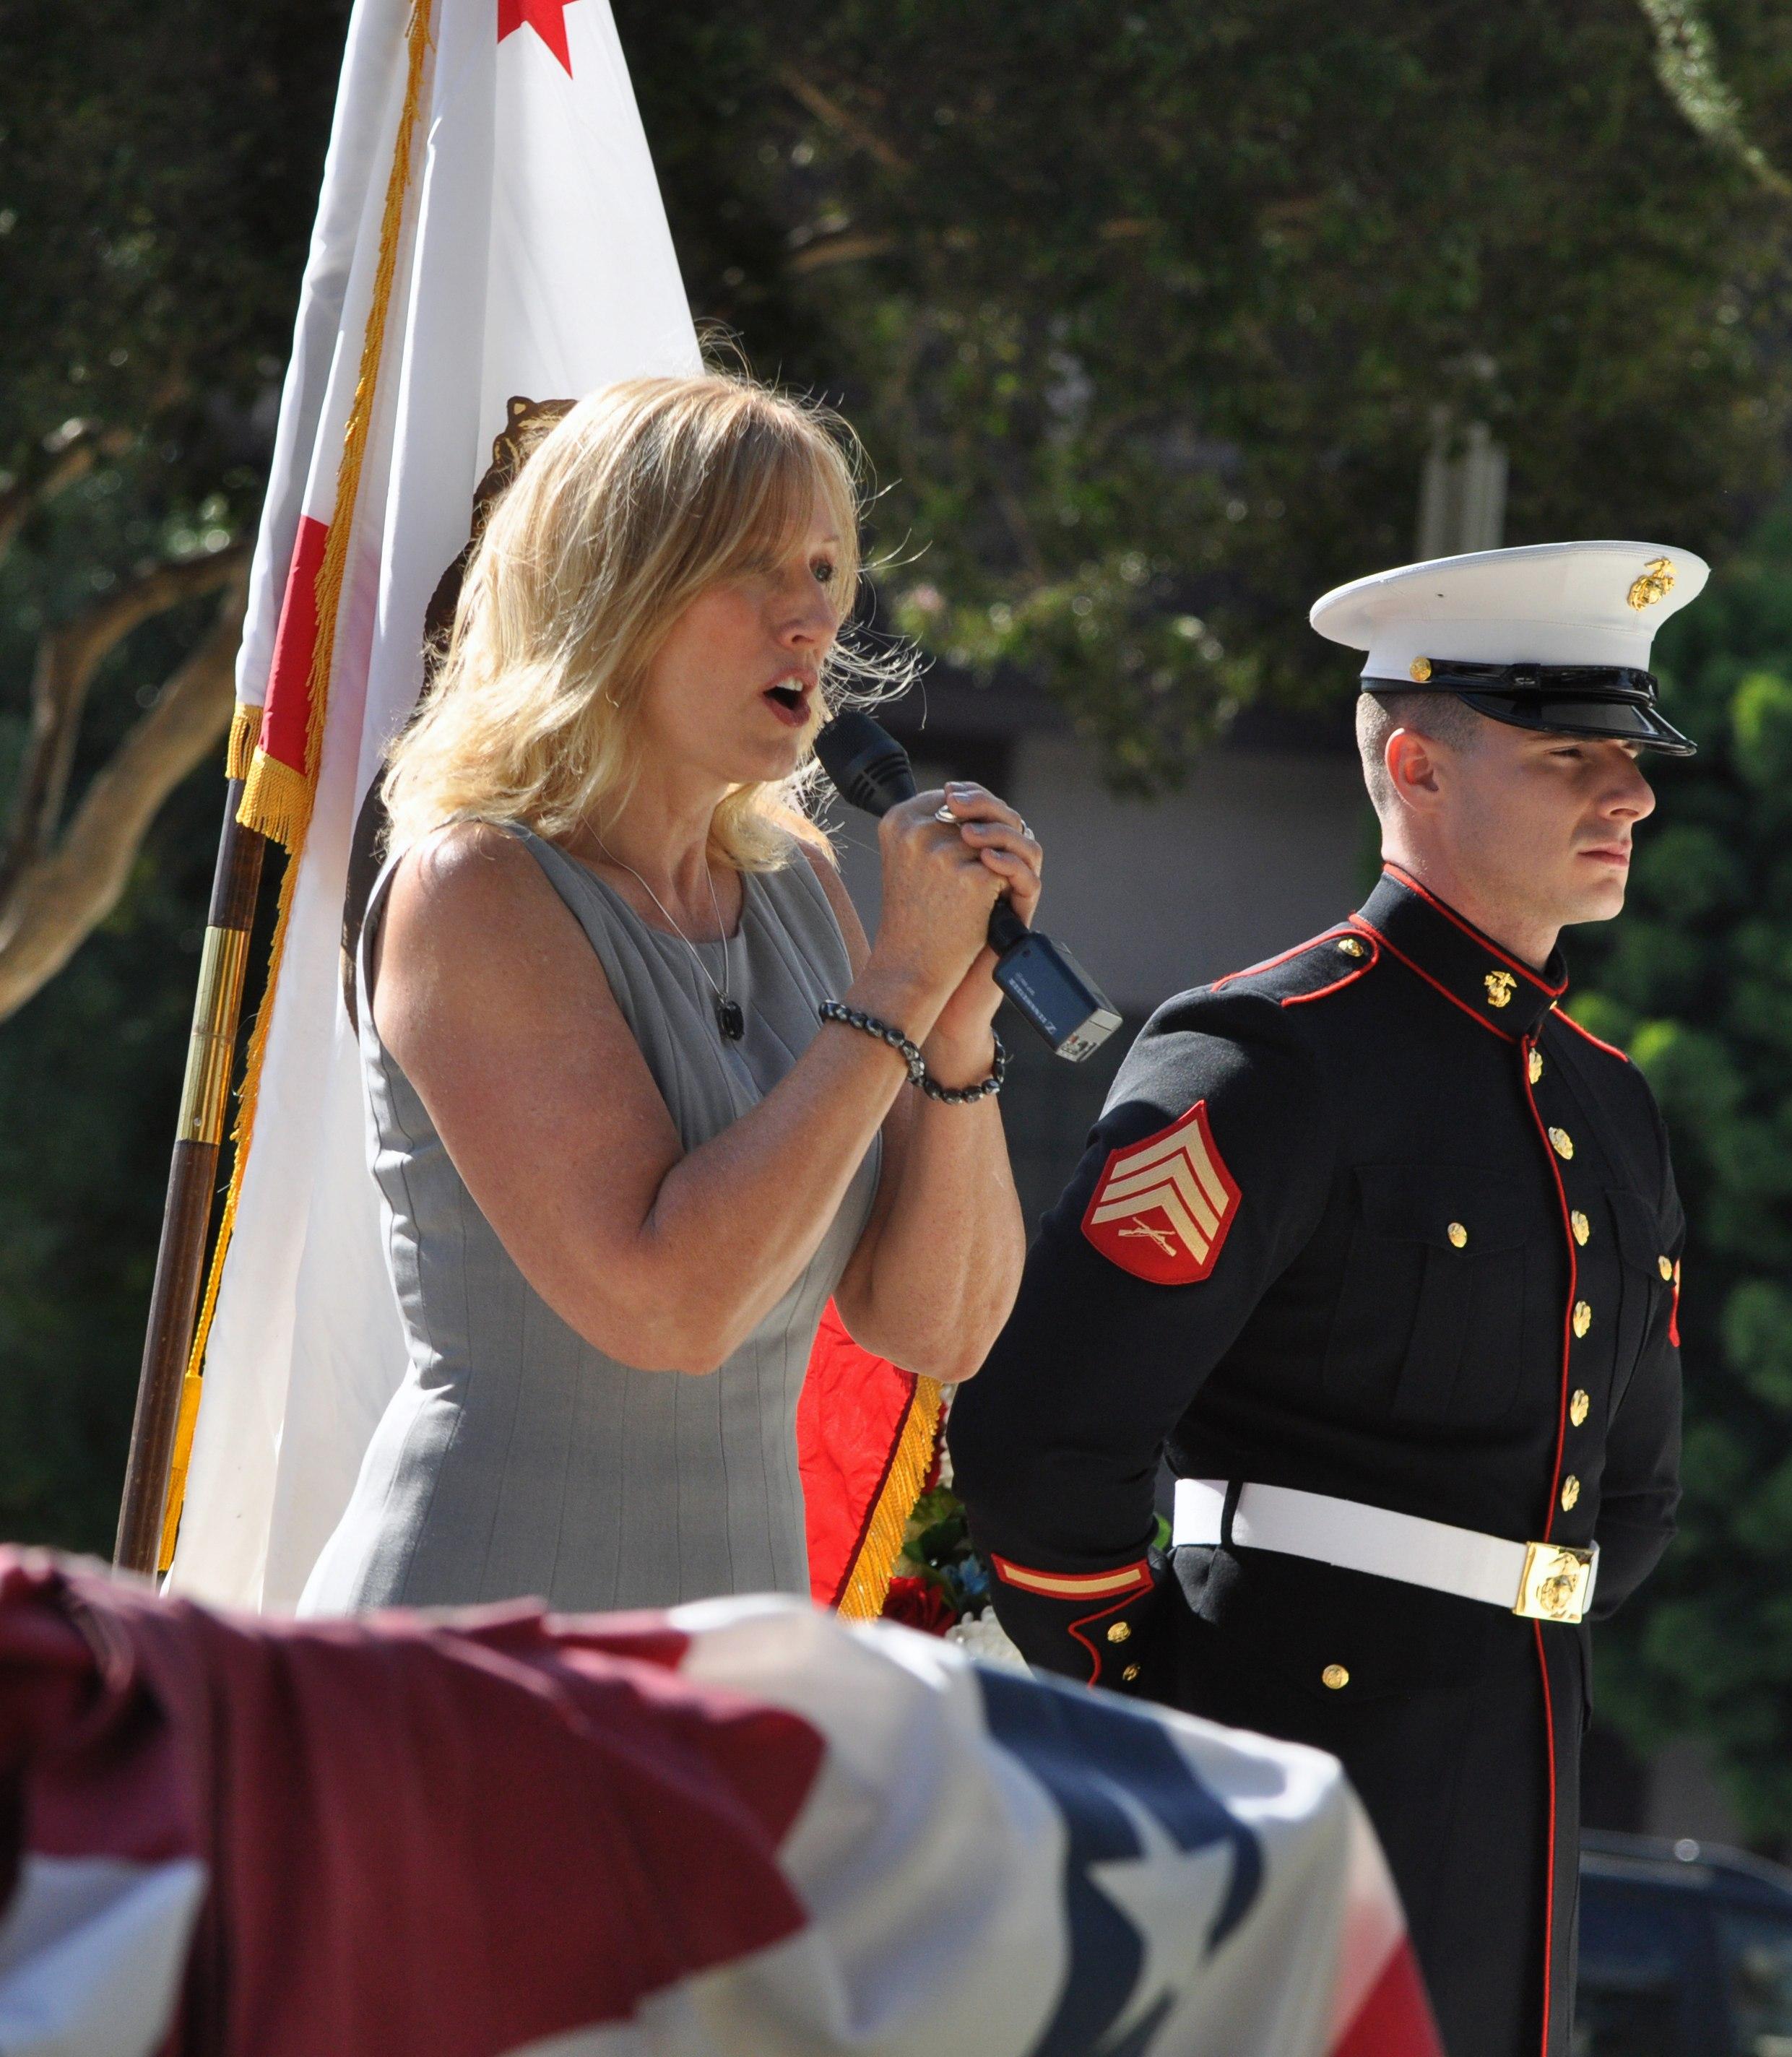 Veteran's Day Memorial 11/11/11